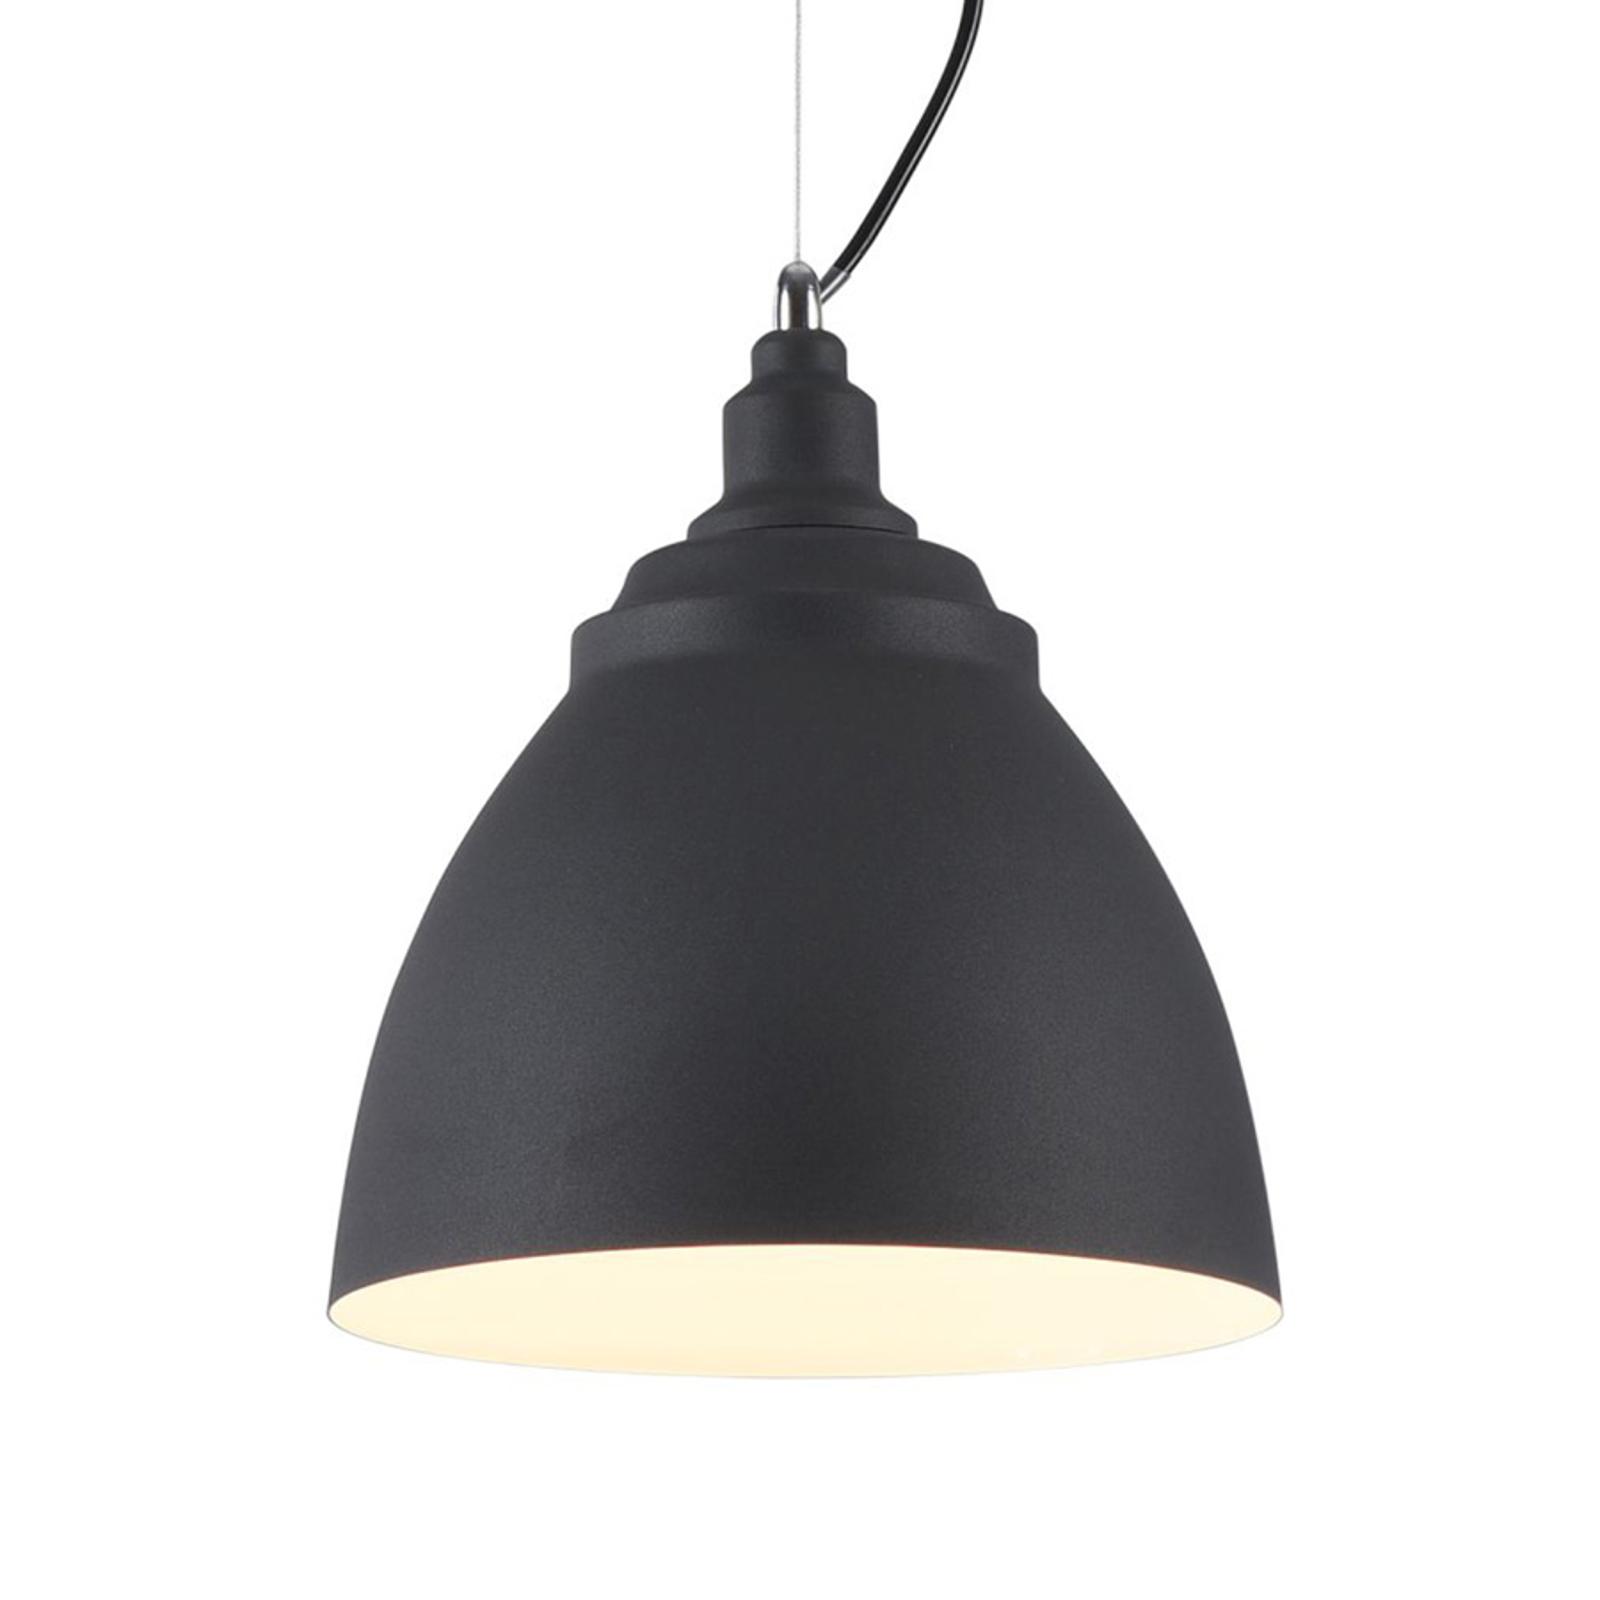 Lampa wisząca Bellevue, czarna